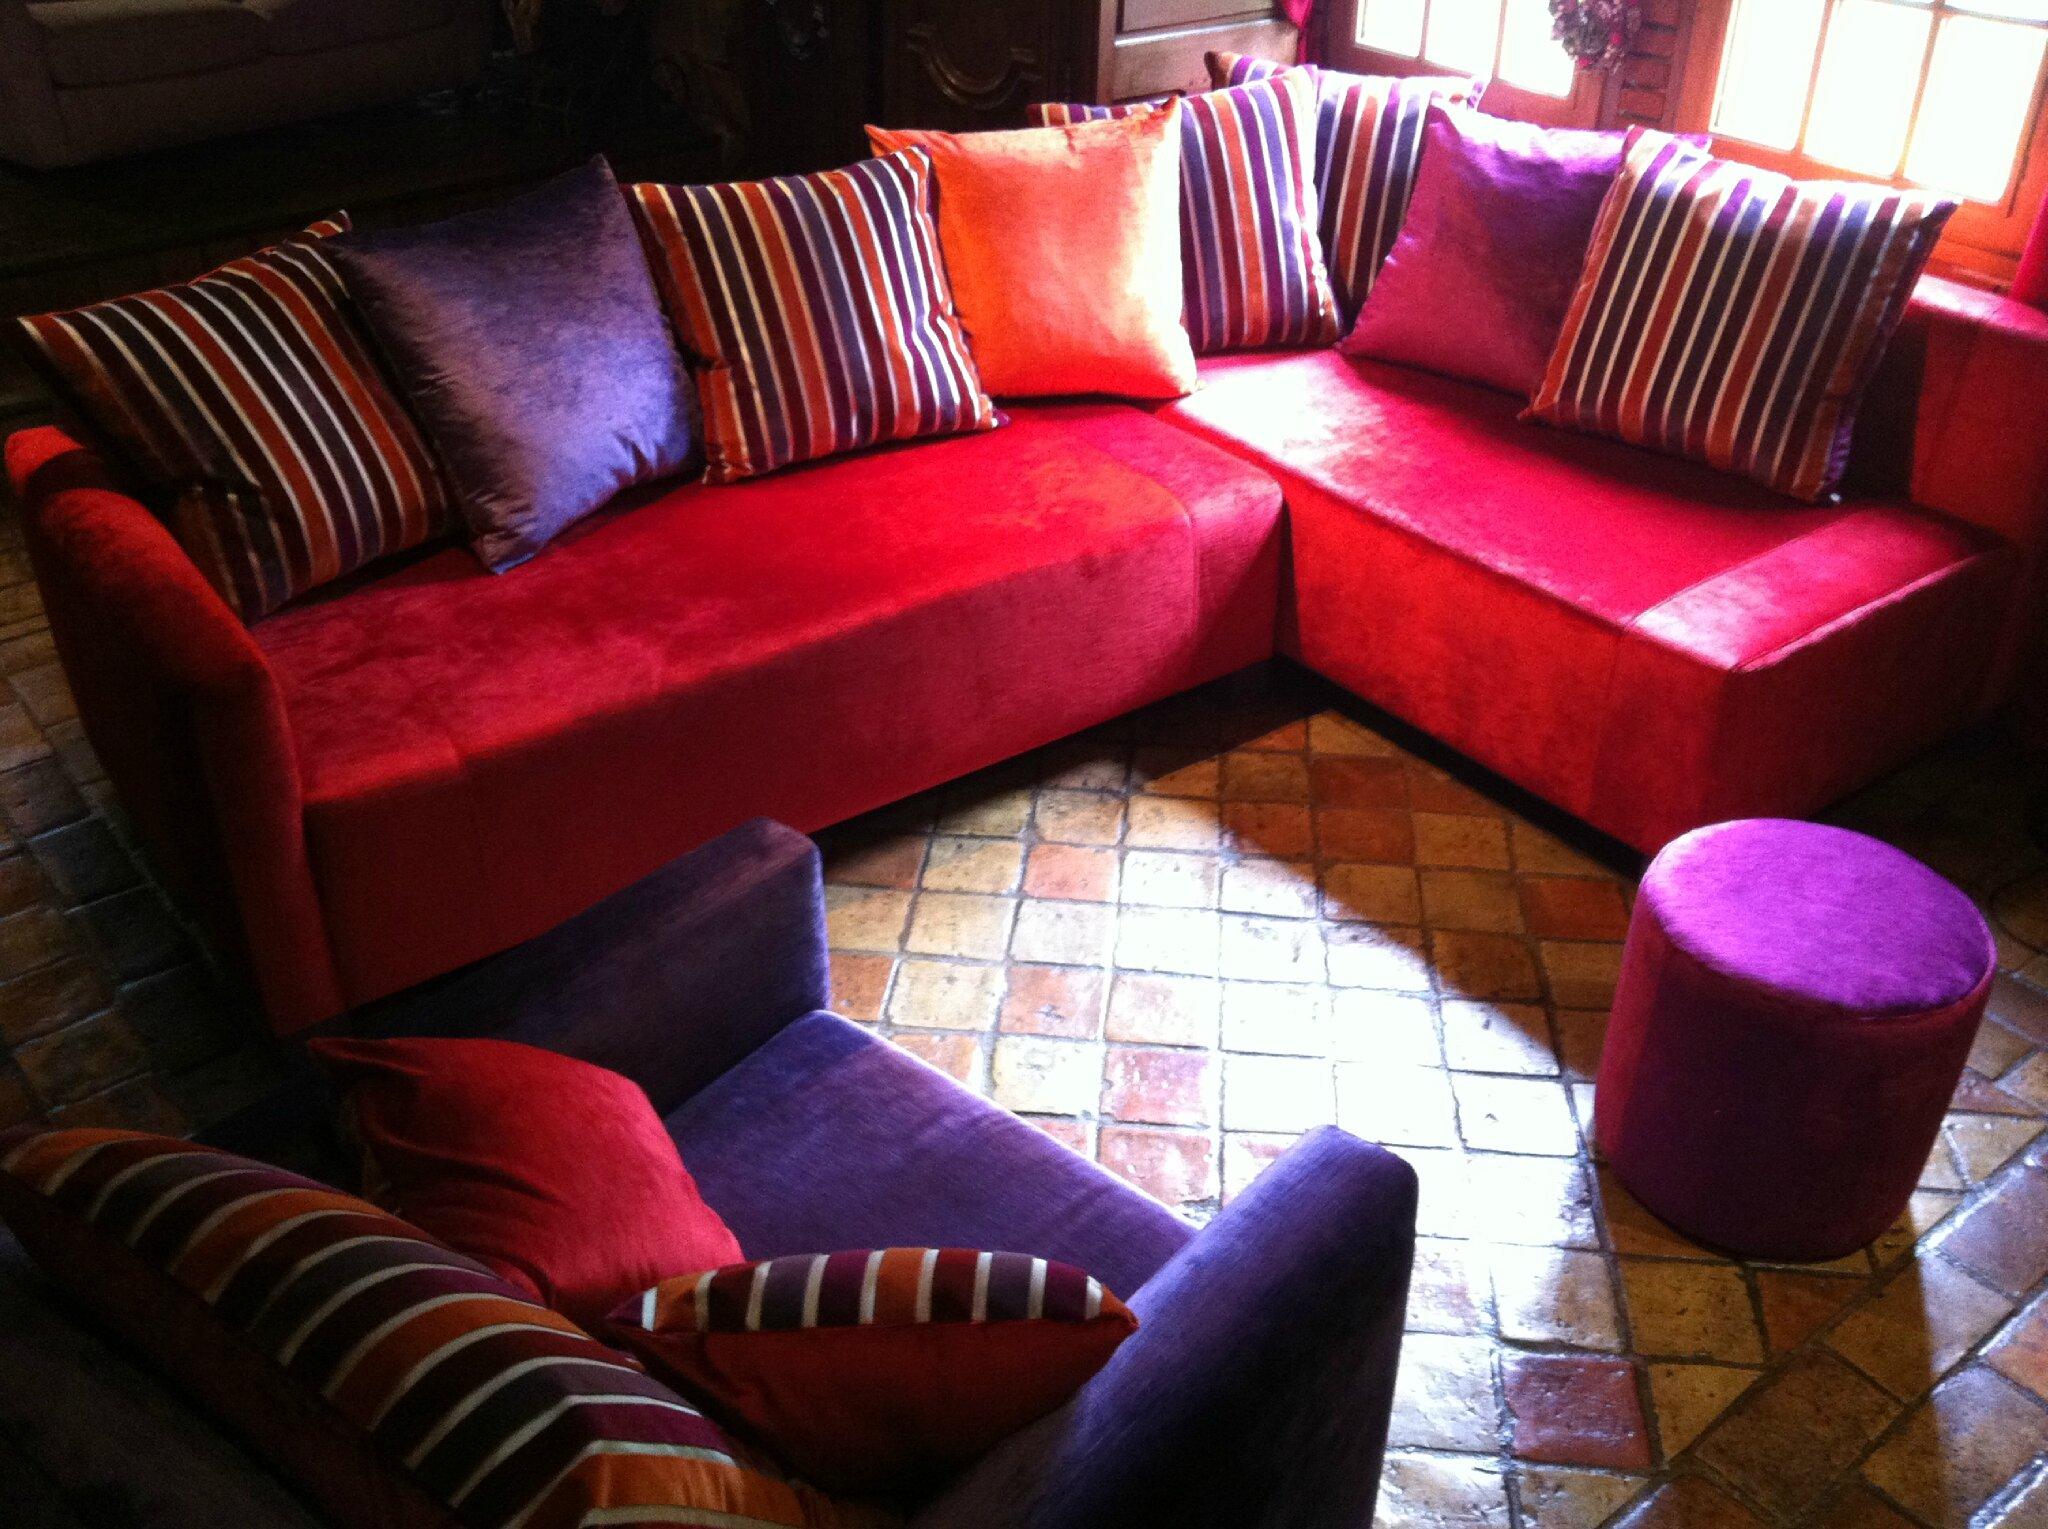 Canap d 39 angle et fauteuil de mr et mme c tendance chic for Teindre un canape tissus